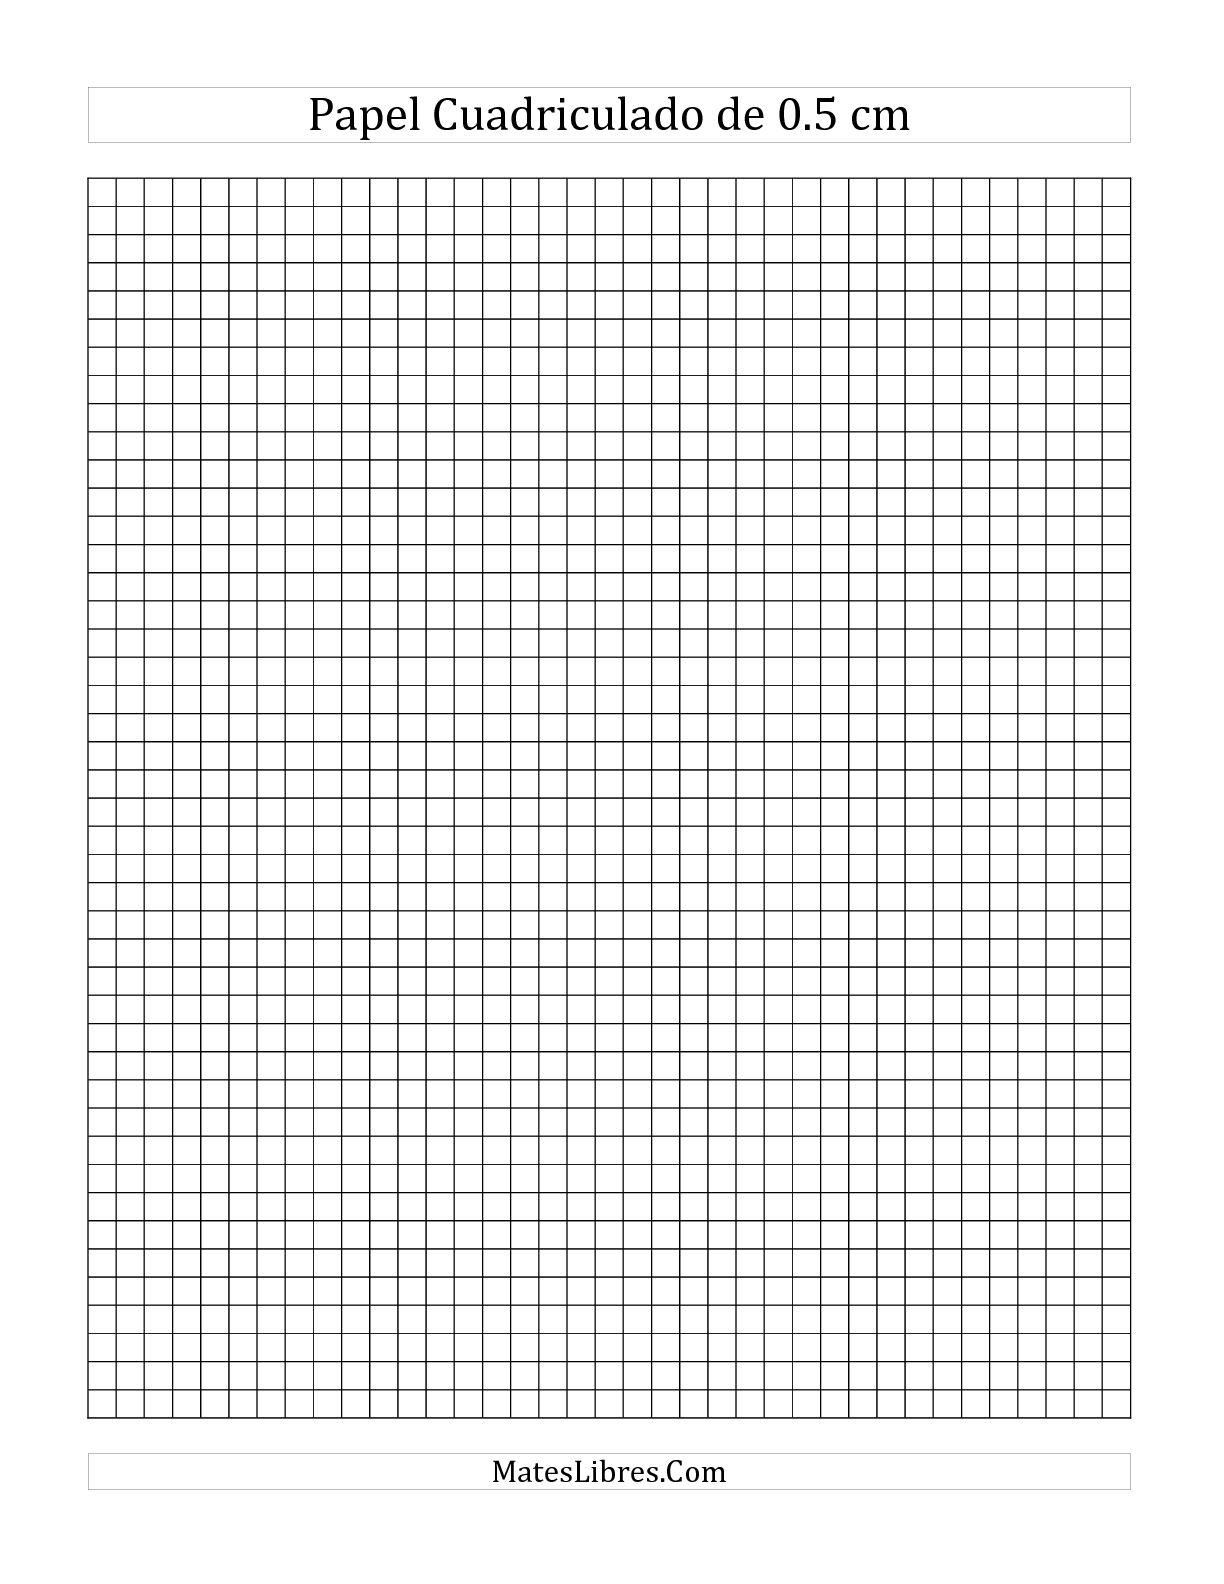 La Papel Cuadriculado de 0.5 cm (A) Hoja de Ejercicio de Papel Cuadriculado